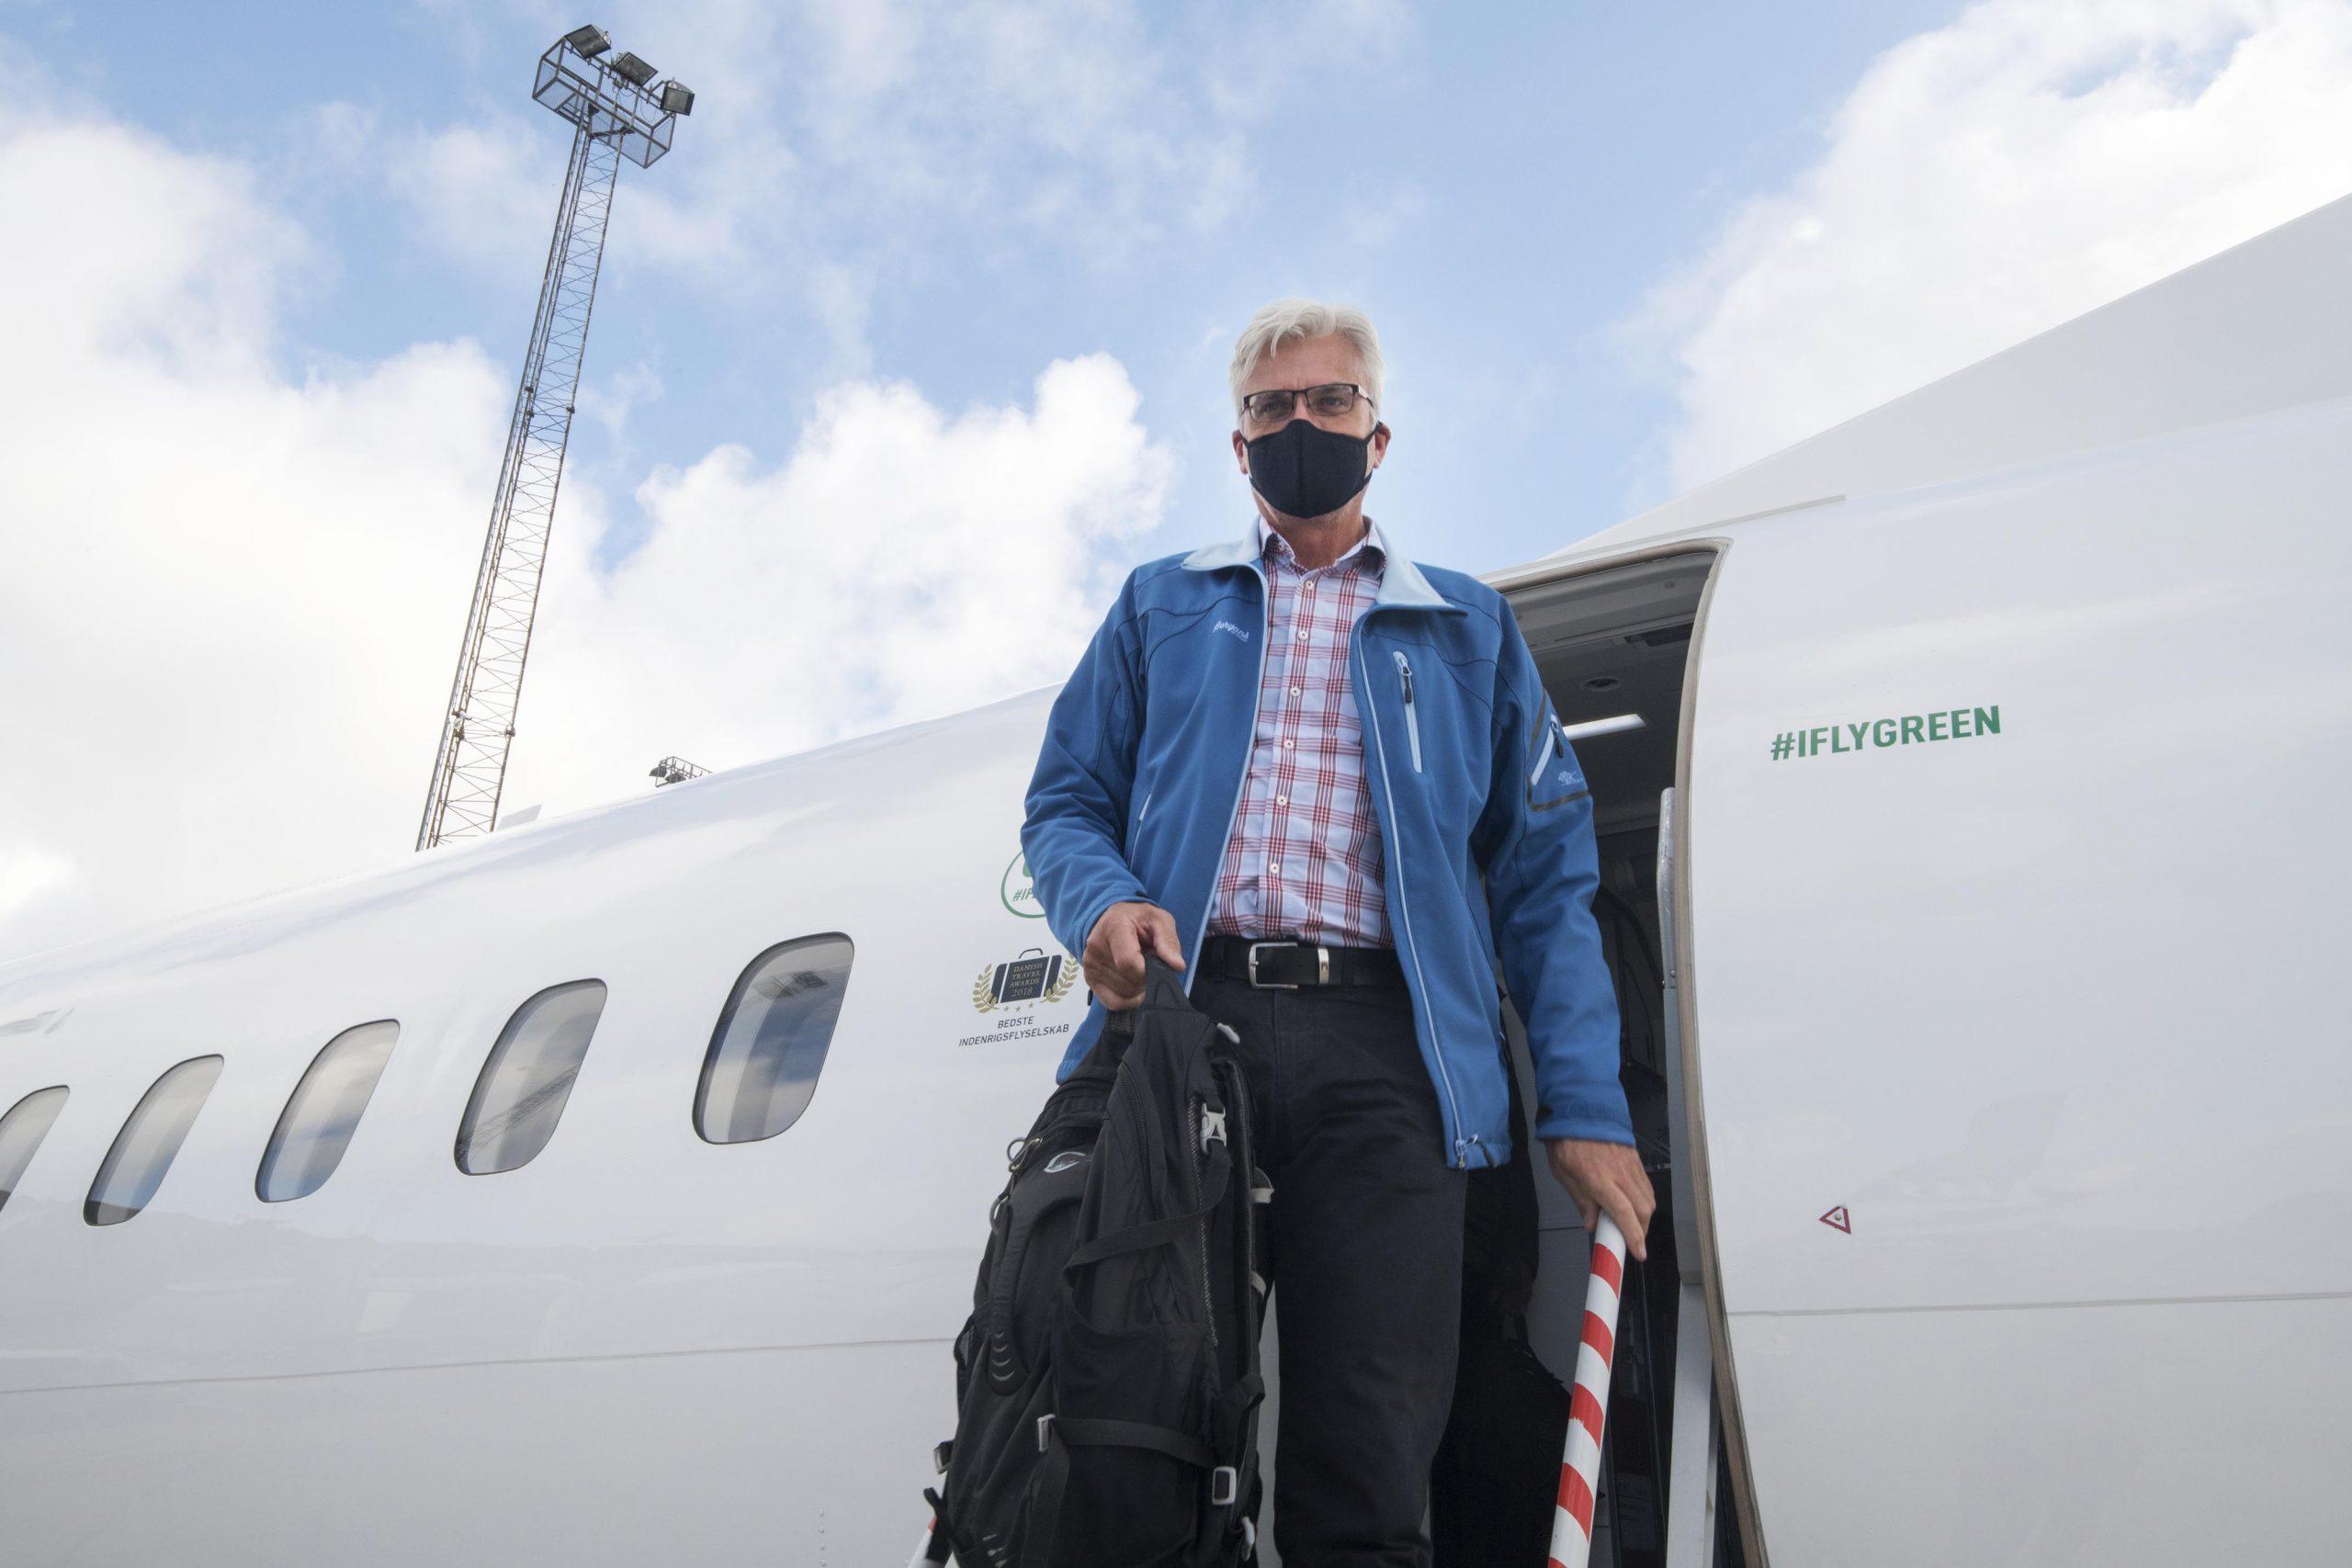 Passager på DAT-fly i Aalborg Lufthavn. (Foto: Joakim J. Hvistendahl)